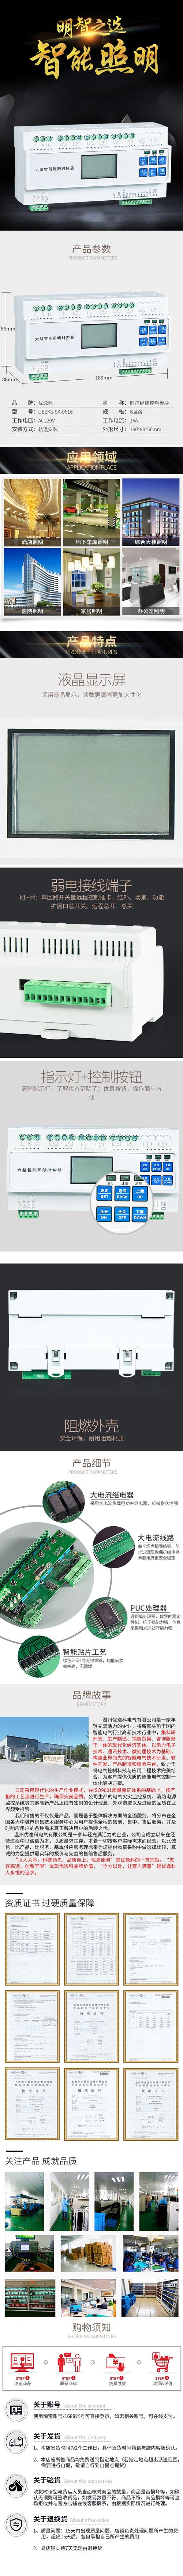 6回路时控经纬控制模块-详情.jpg